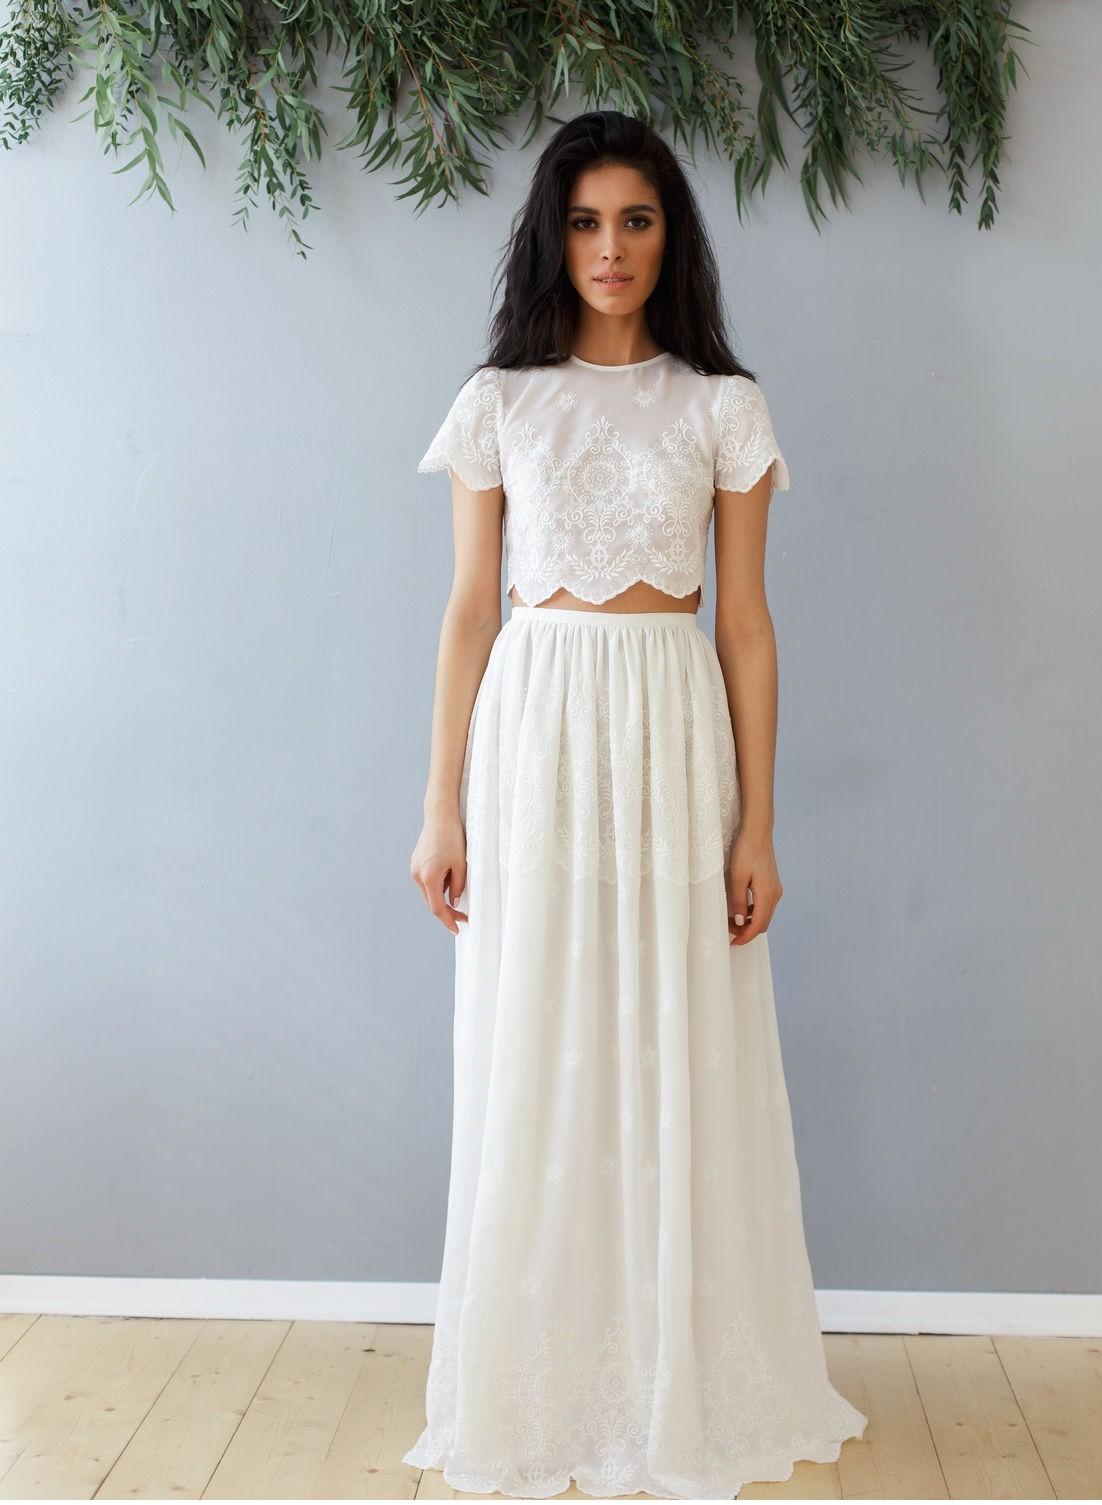 Платья на выпускной 2018 года: юбка и топ белые в пол